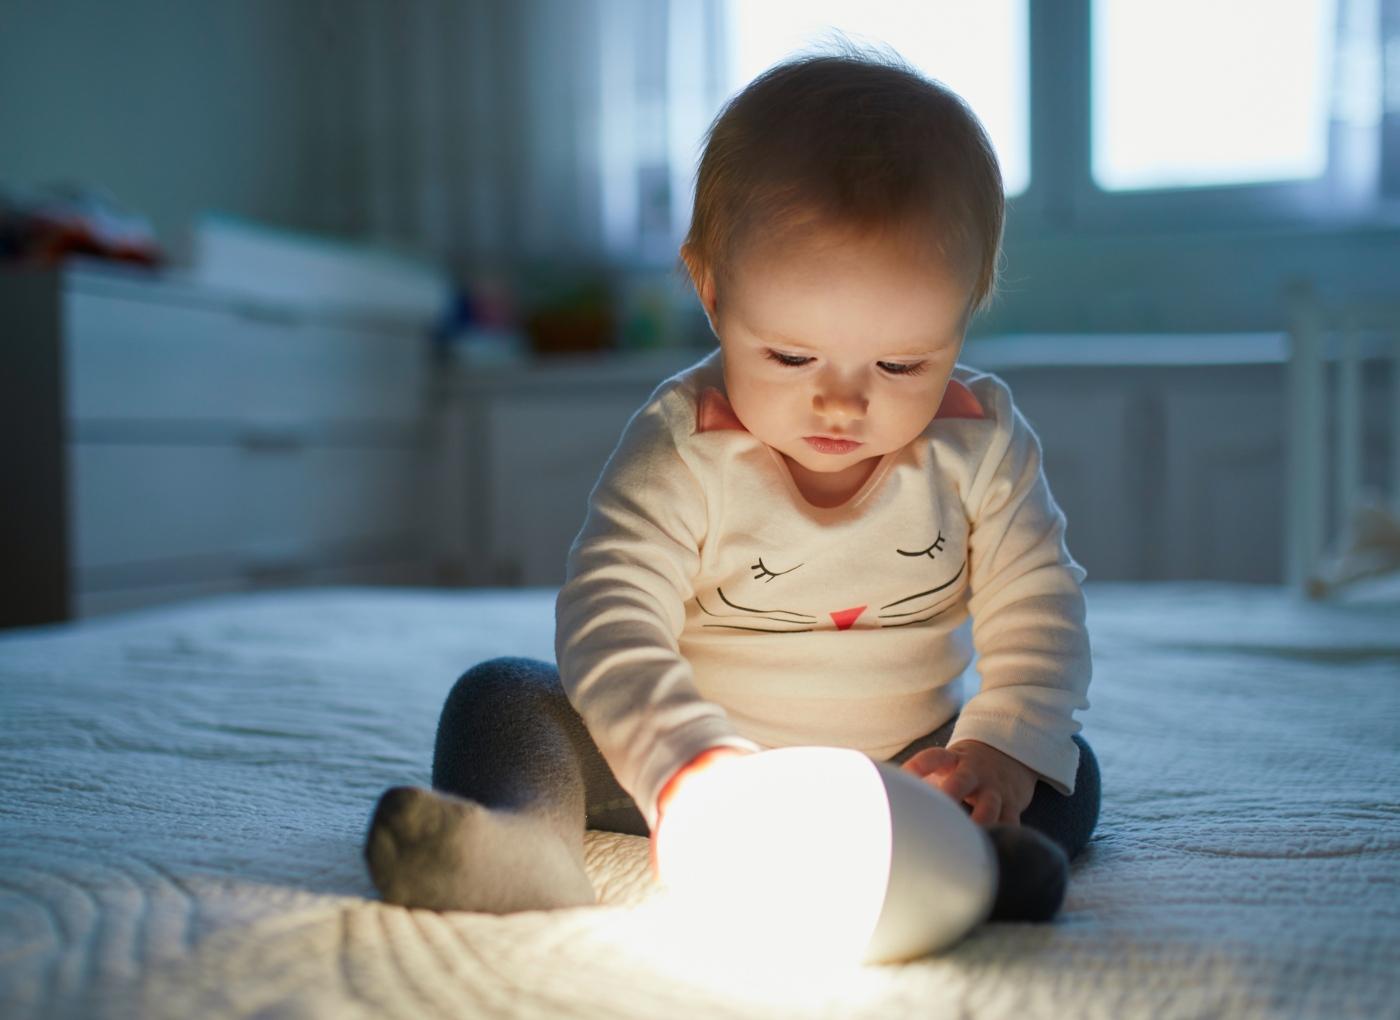 O bebé aos 5 meses de idade: as mudanças nesta etapa da vida